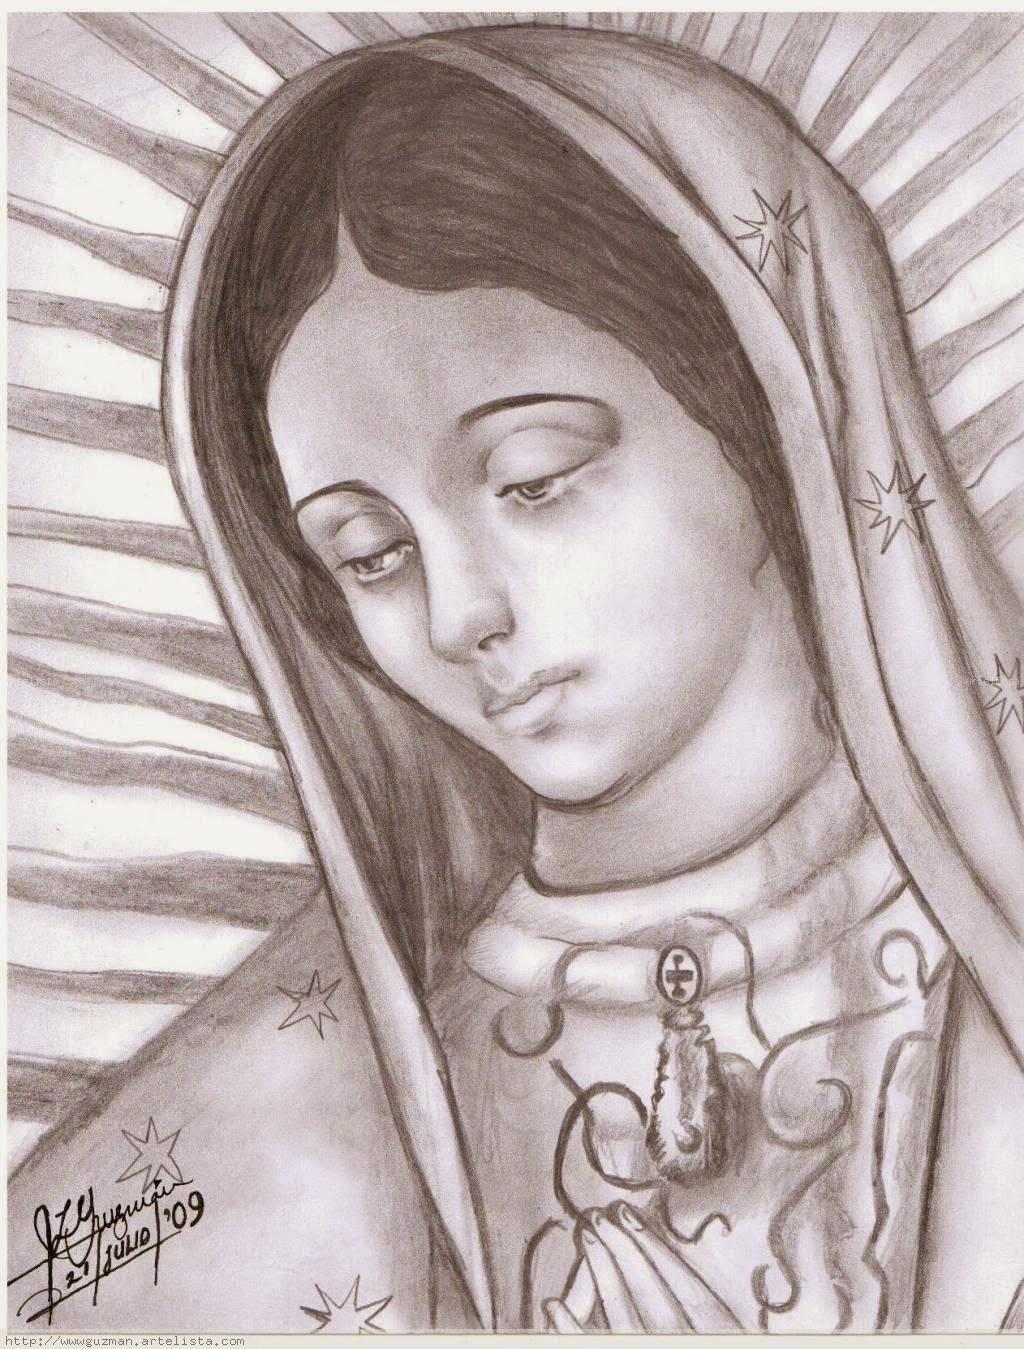 Imagenes y Fotos de Dibujos de la virgen de guadalupe para pintar